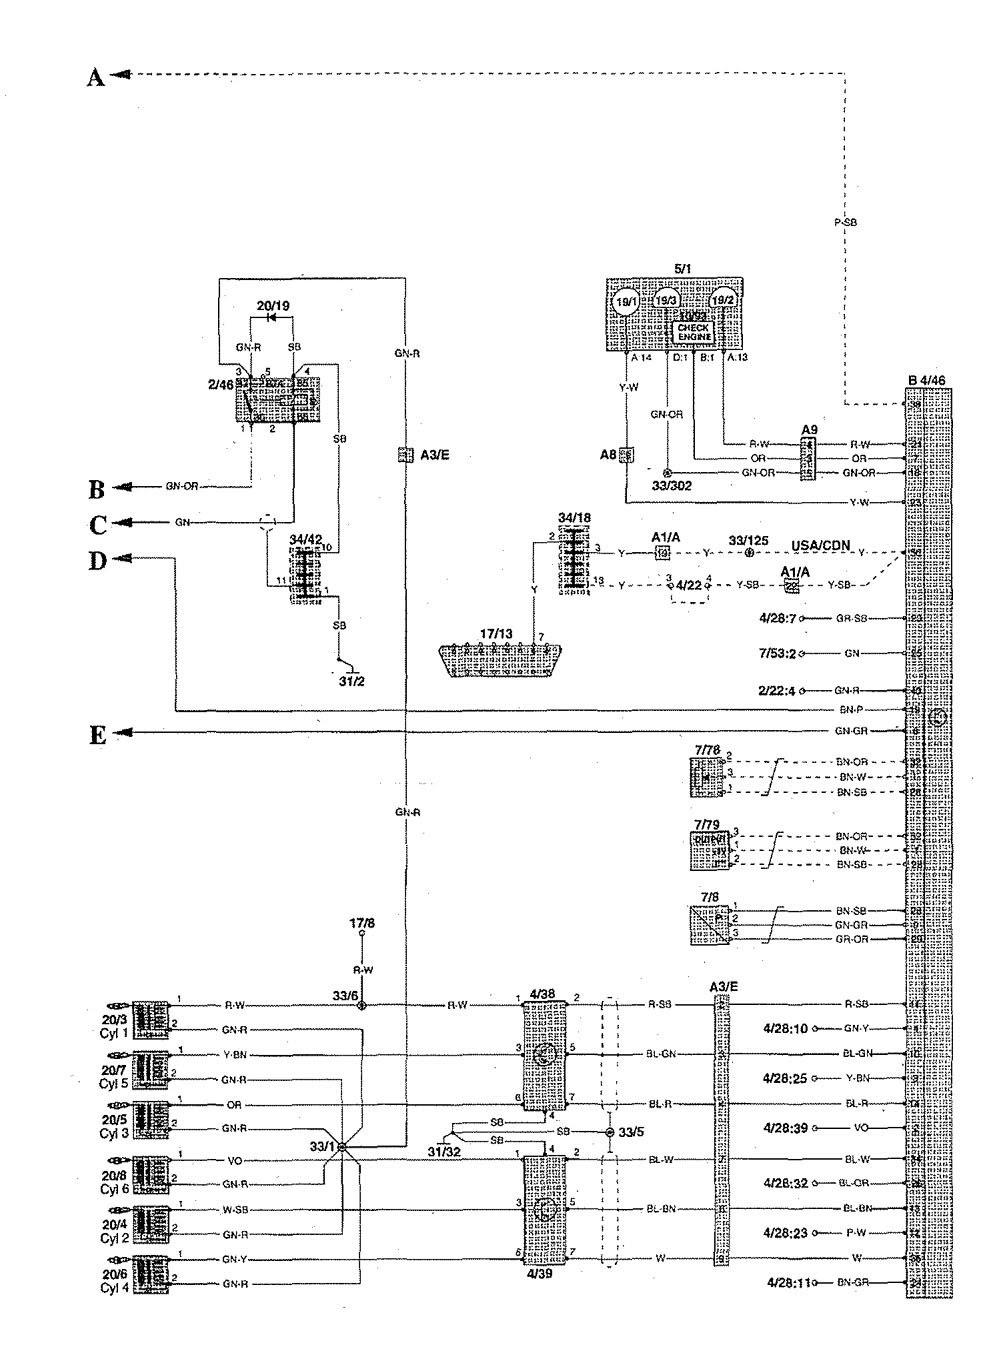 2003 Toyotum Wiring Diagram